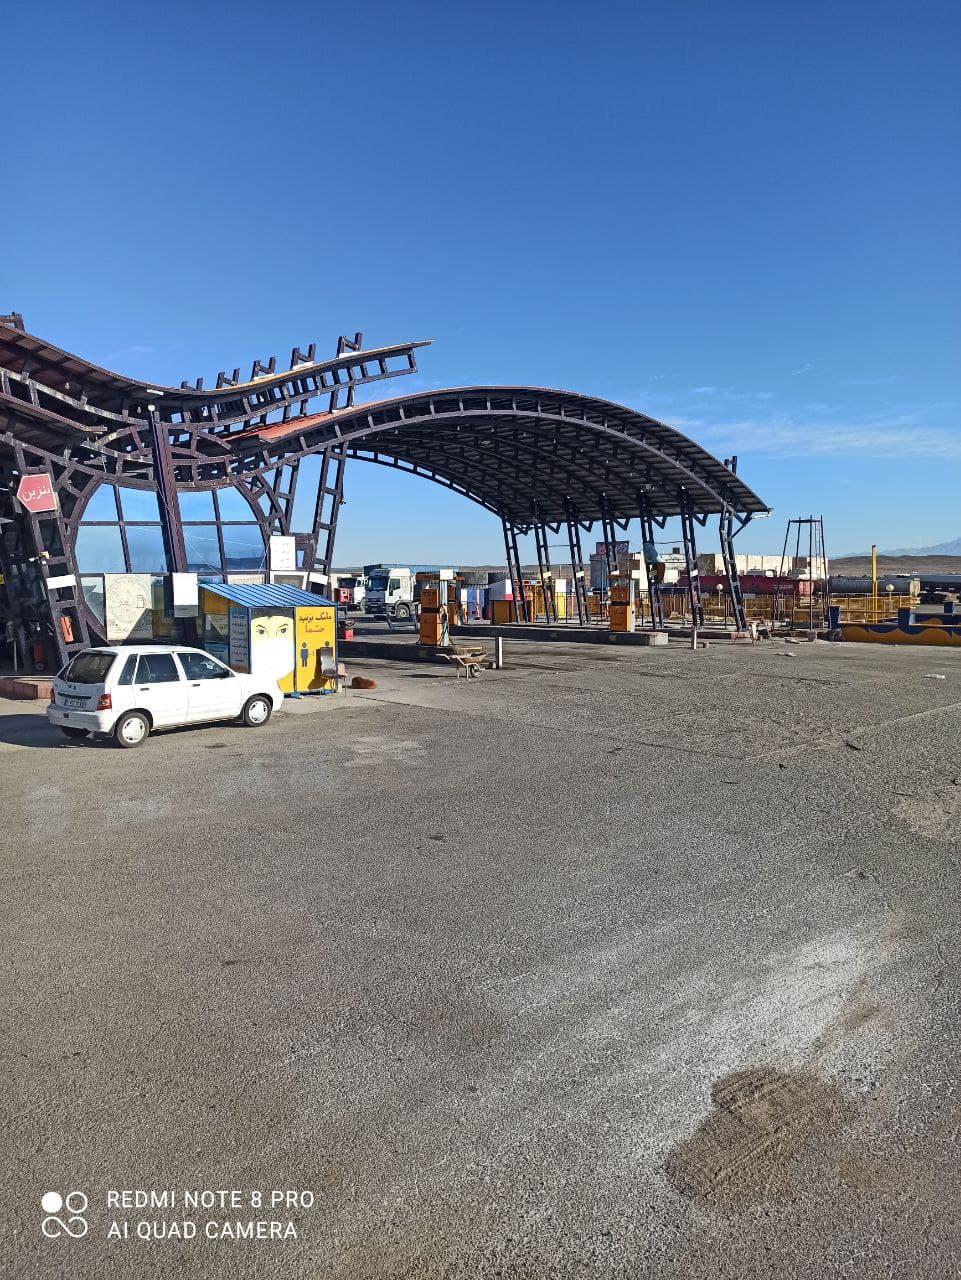 پمپ بنزین سیرجان به سمت شهر بابک